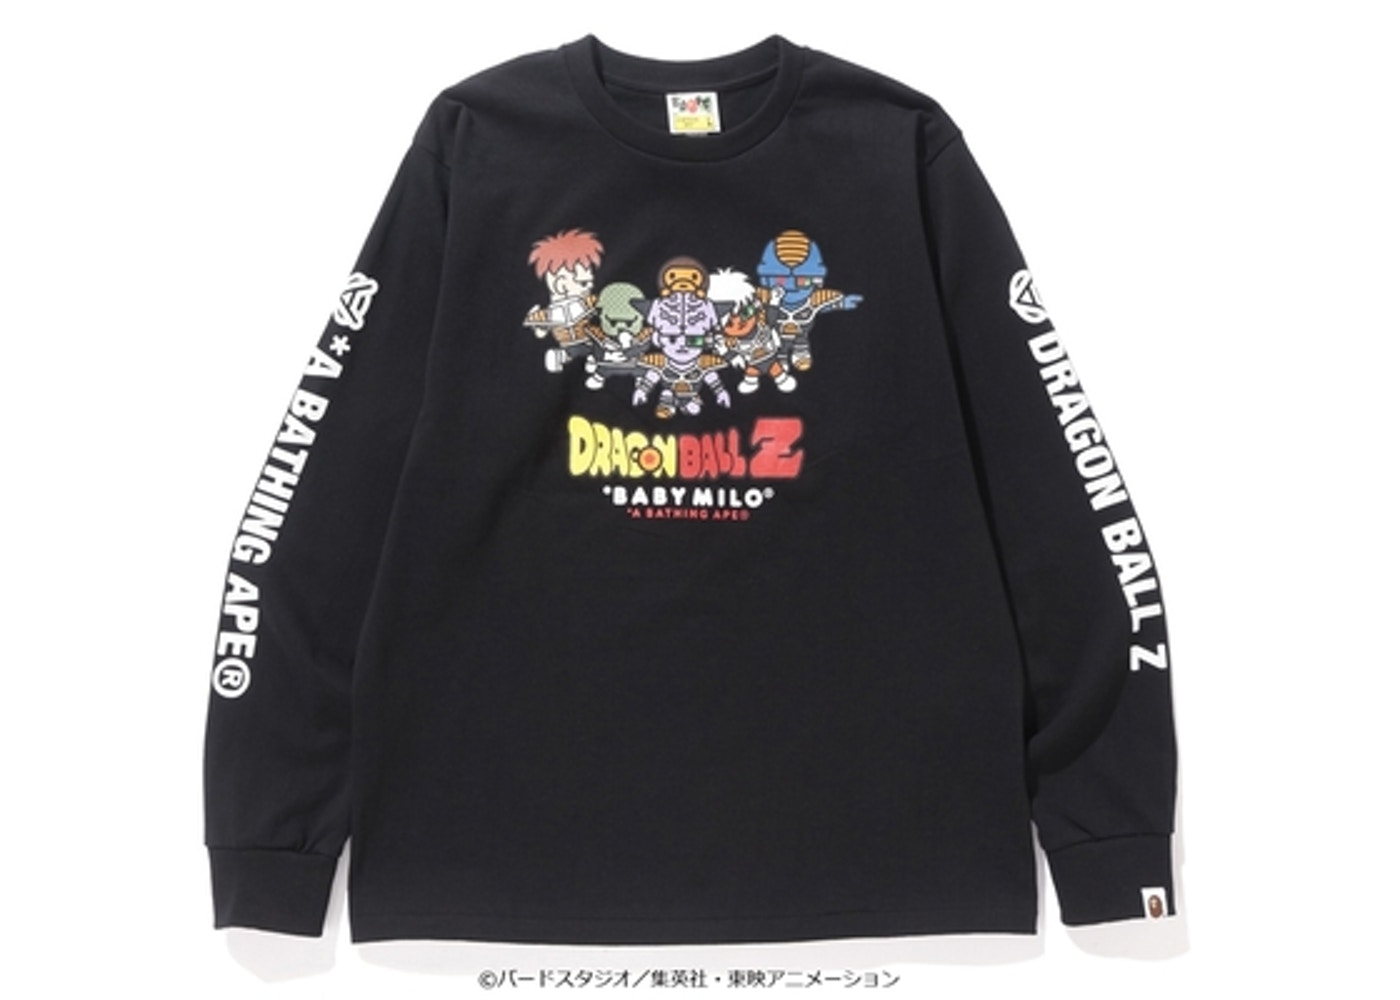 3c522f6b Streetwear - Bape T-Shirts - Highest Bid